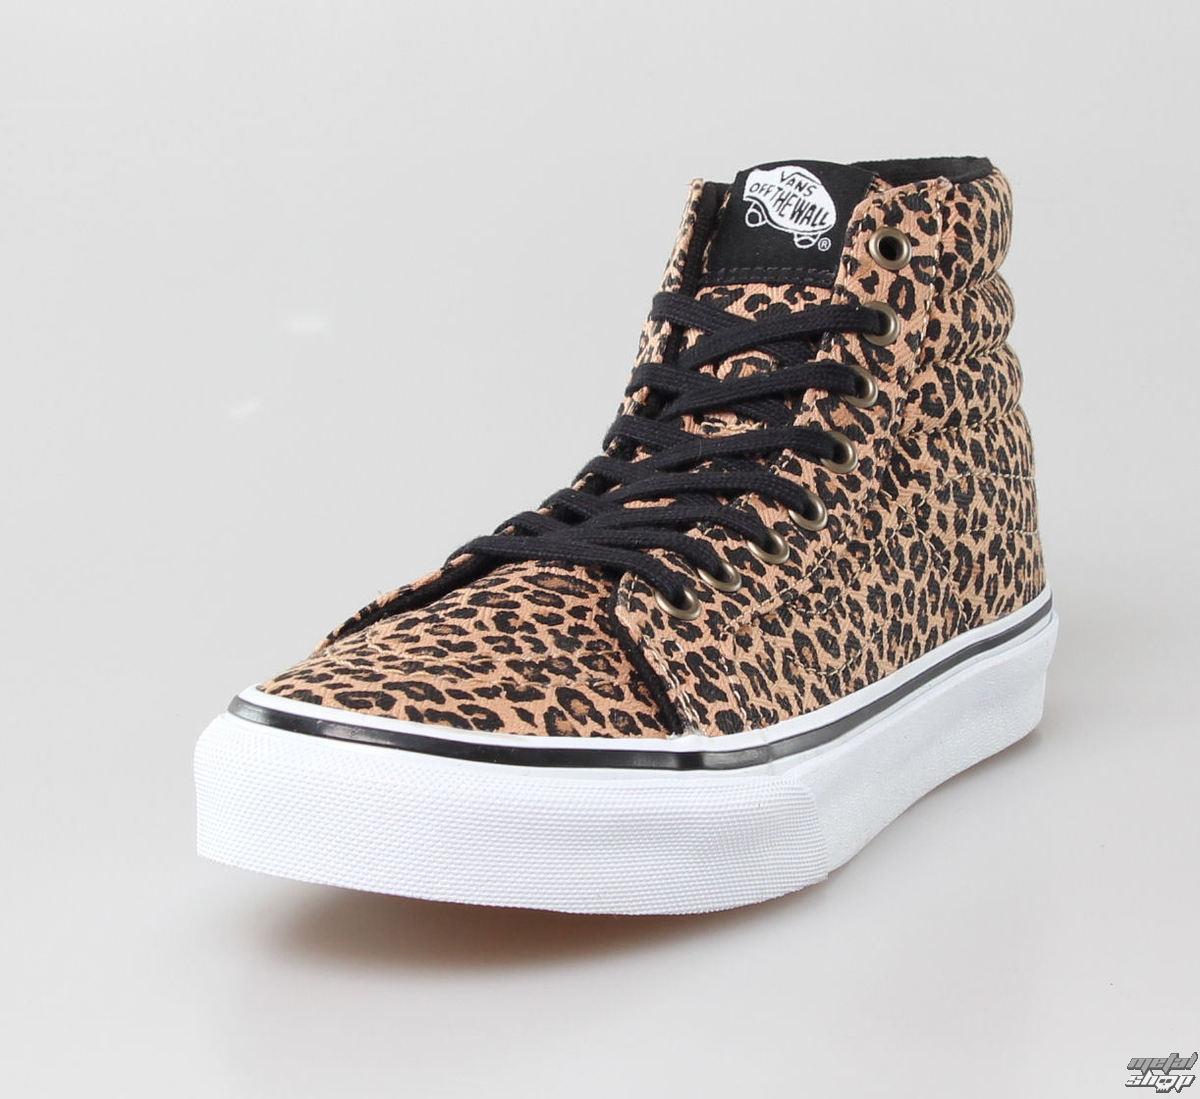 Vans Boty Dámské Leopard